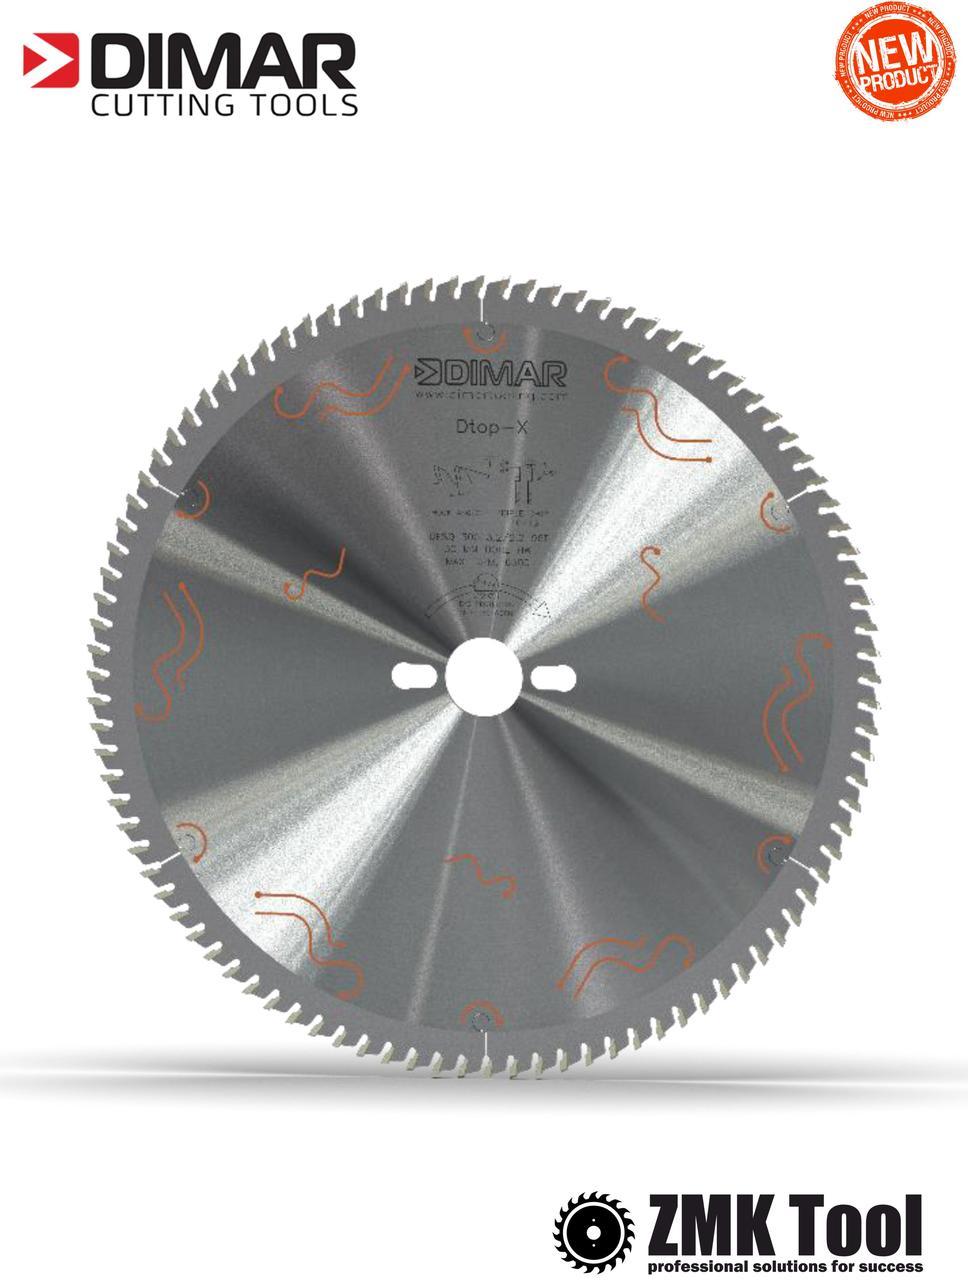 Пила DIMAR для чистого різу MFW 300 96Z 3.2/2.2 d=30 знешумлена